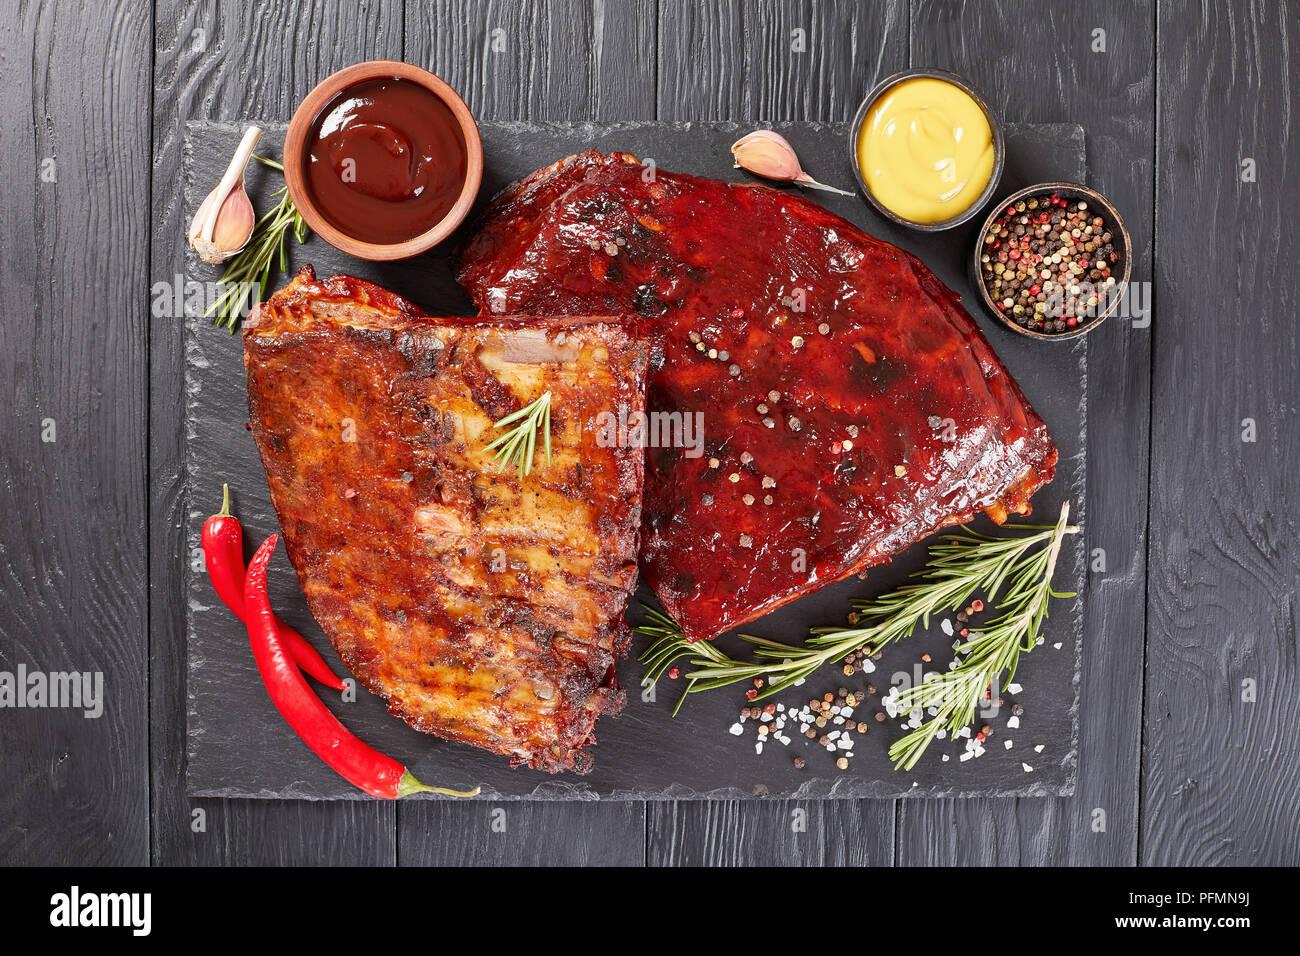 Juteux délicieux barbecue fumé maison côtes levées de porc sur la plaque en pierre noire avec des épices, du romarin frais, de la moutarde et de la sauce barbecue, vue verticale d'un Banque D'Images